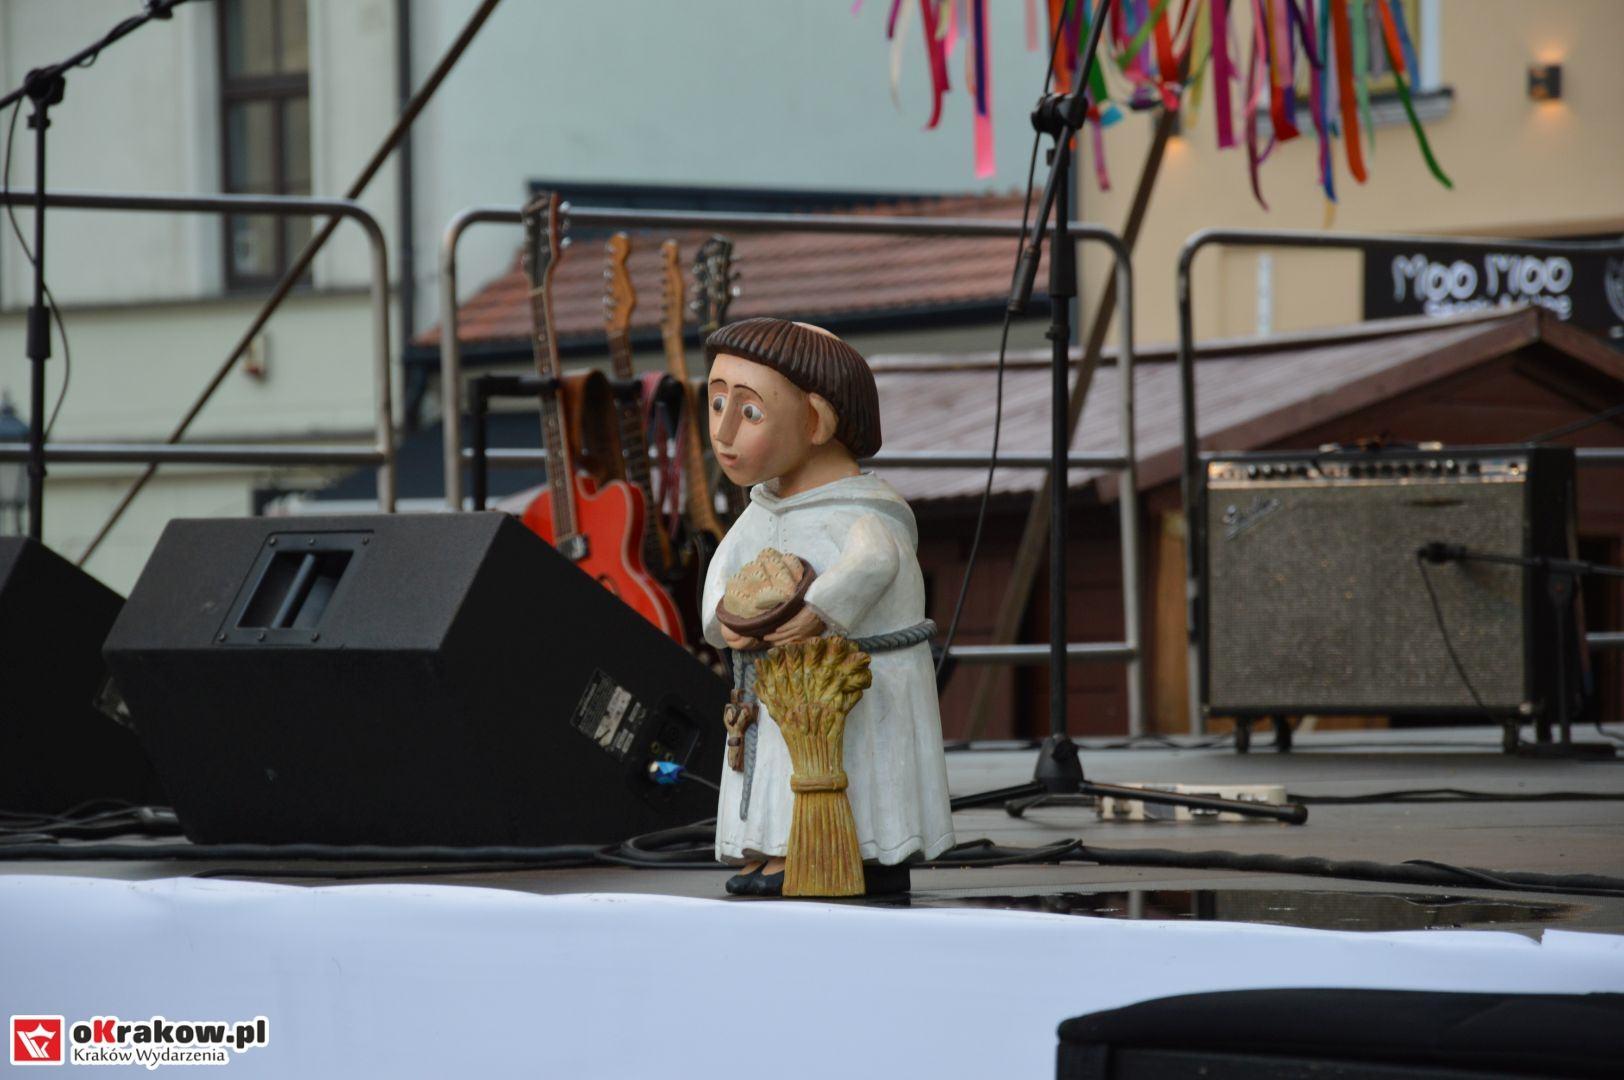 krakow festiwal pierogow maly rynek koncert cheap tobacco 97 150x150 - Galeria zdjęć Festiwal Pierogów Kraków 2018 + zdjęcia z koncertu Cheap Tobacco